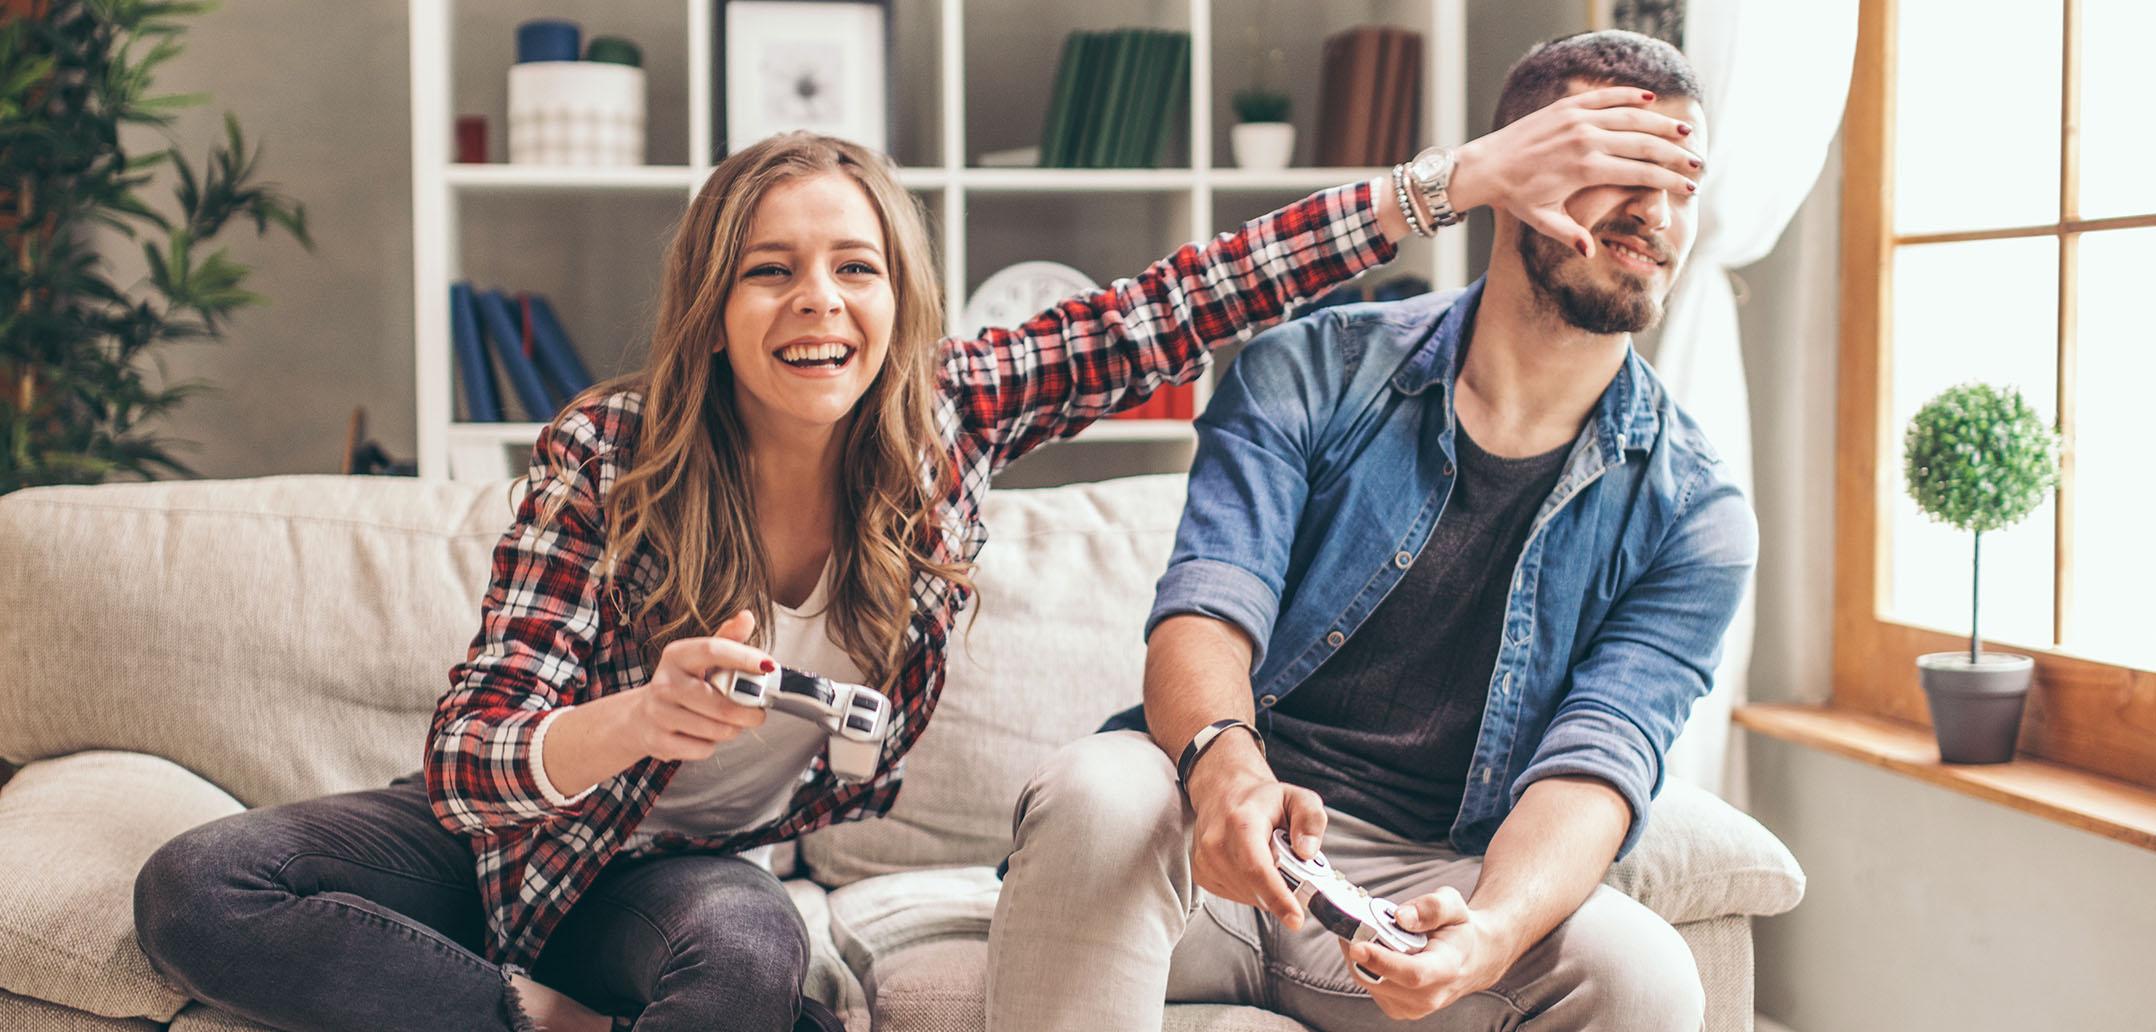 Konsolenspiele für Paare